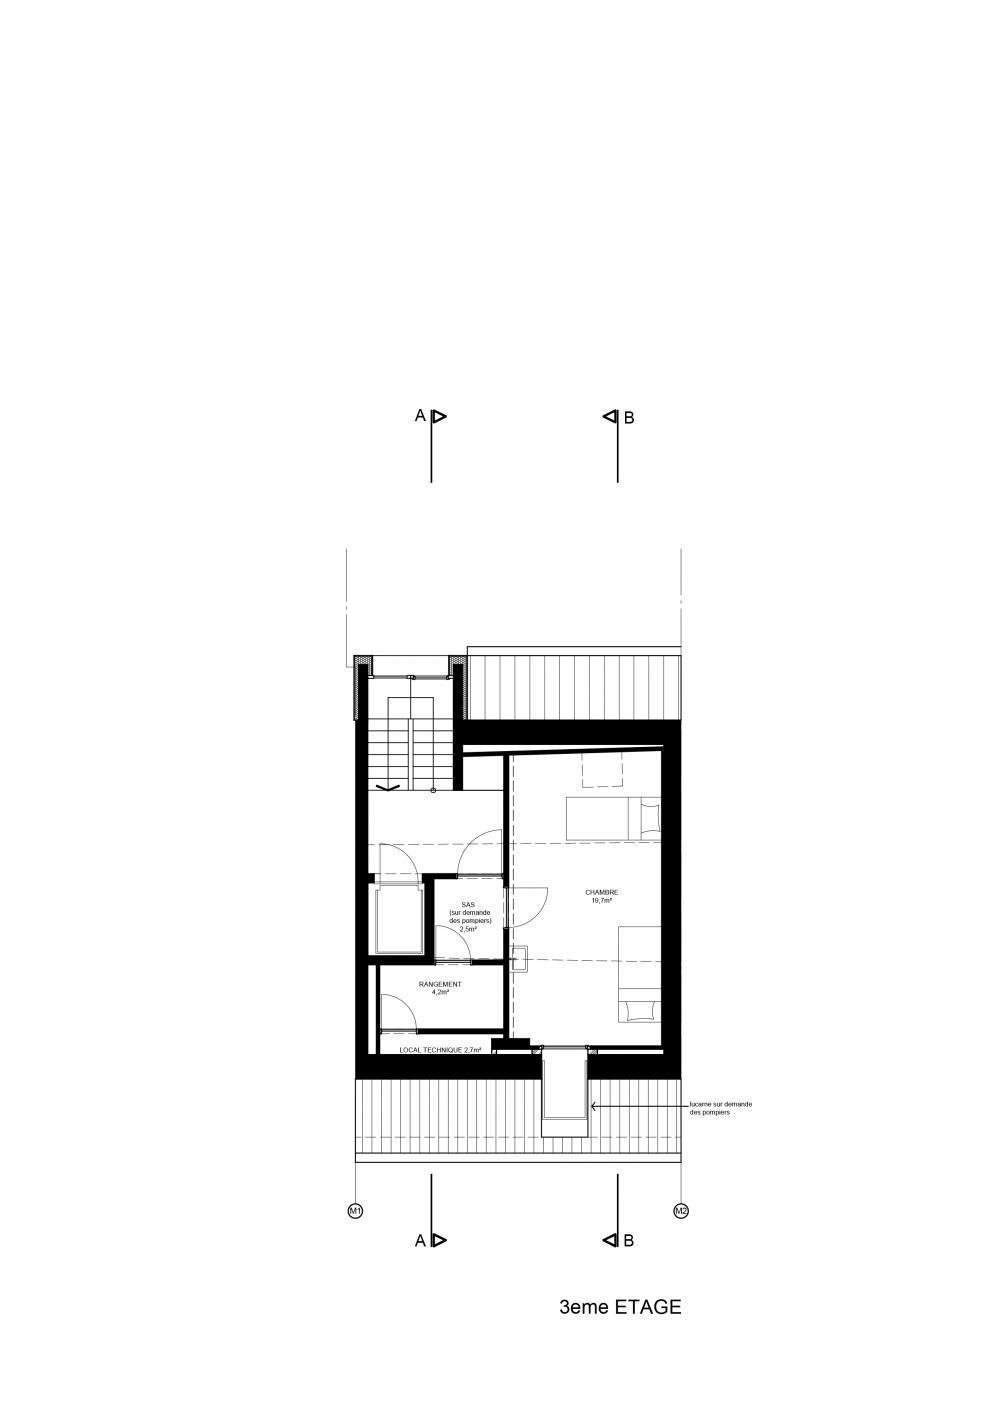 plan du 3ème étage